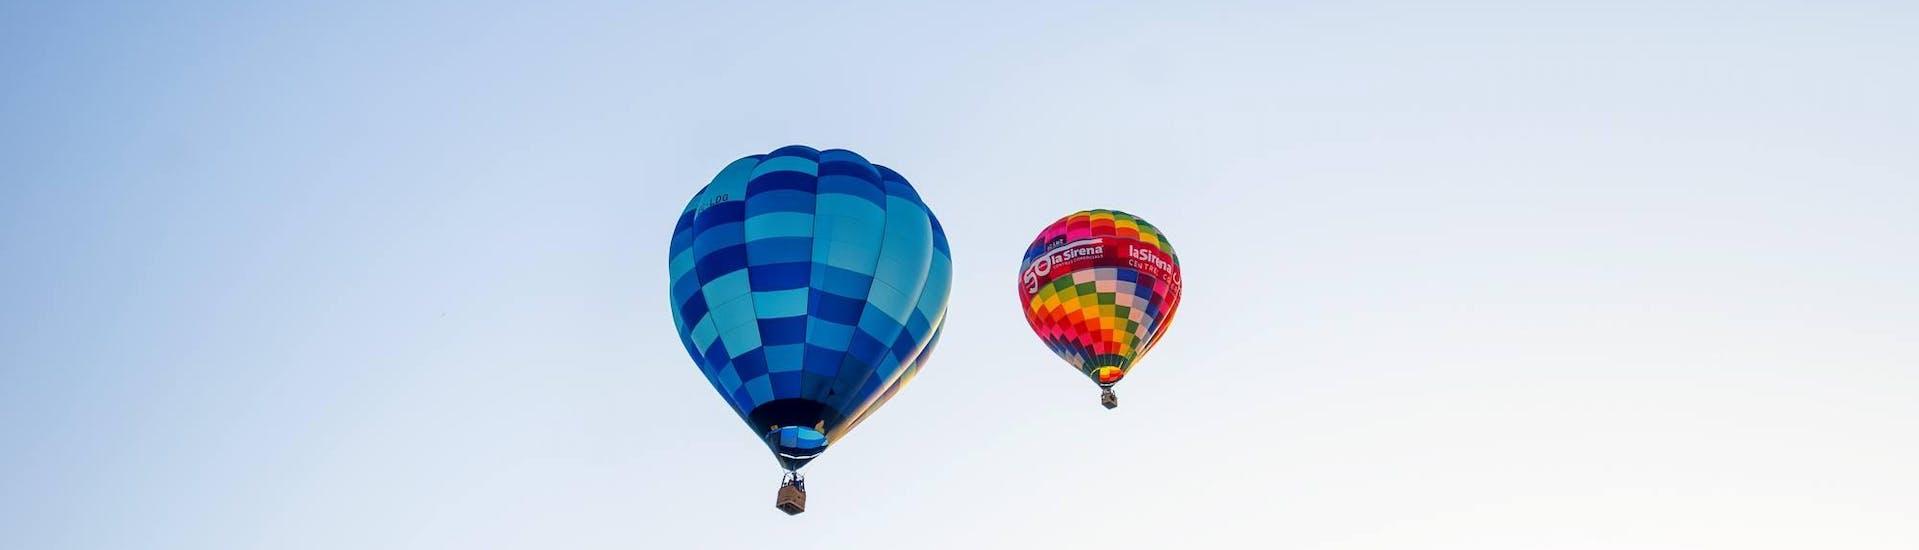 Los pasajeros observan otro globo y disfrutan de la maravillosa vista con el piloto de Ibiza en Globo durante su Vuelo en globo sobre Ibiza desde San Rafael.